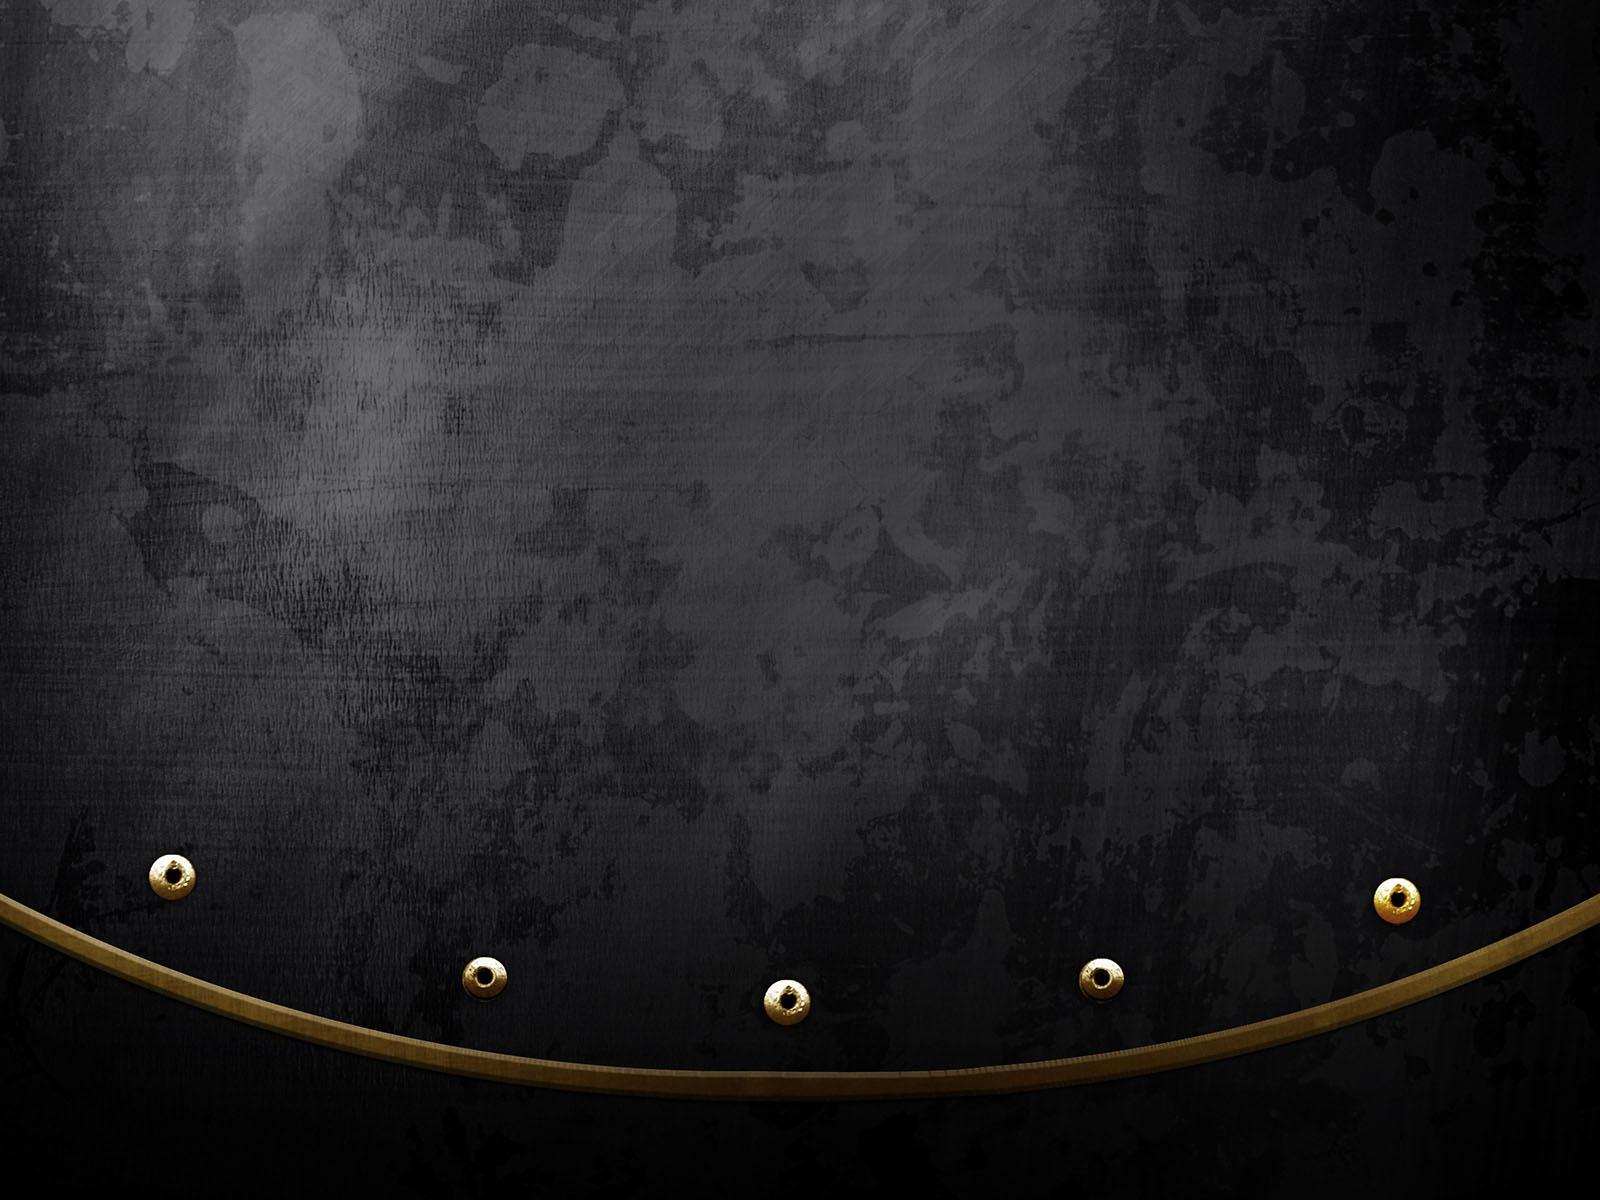 Metal Design PPT Backgrounds